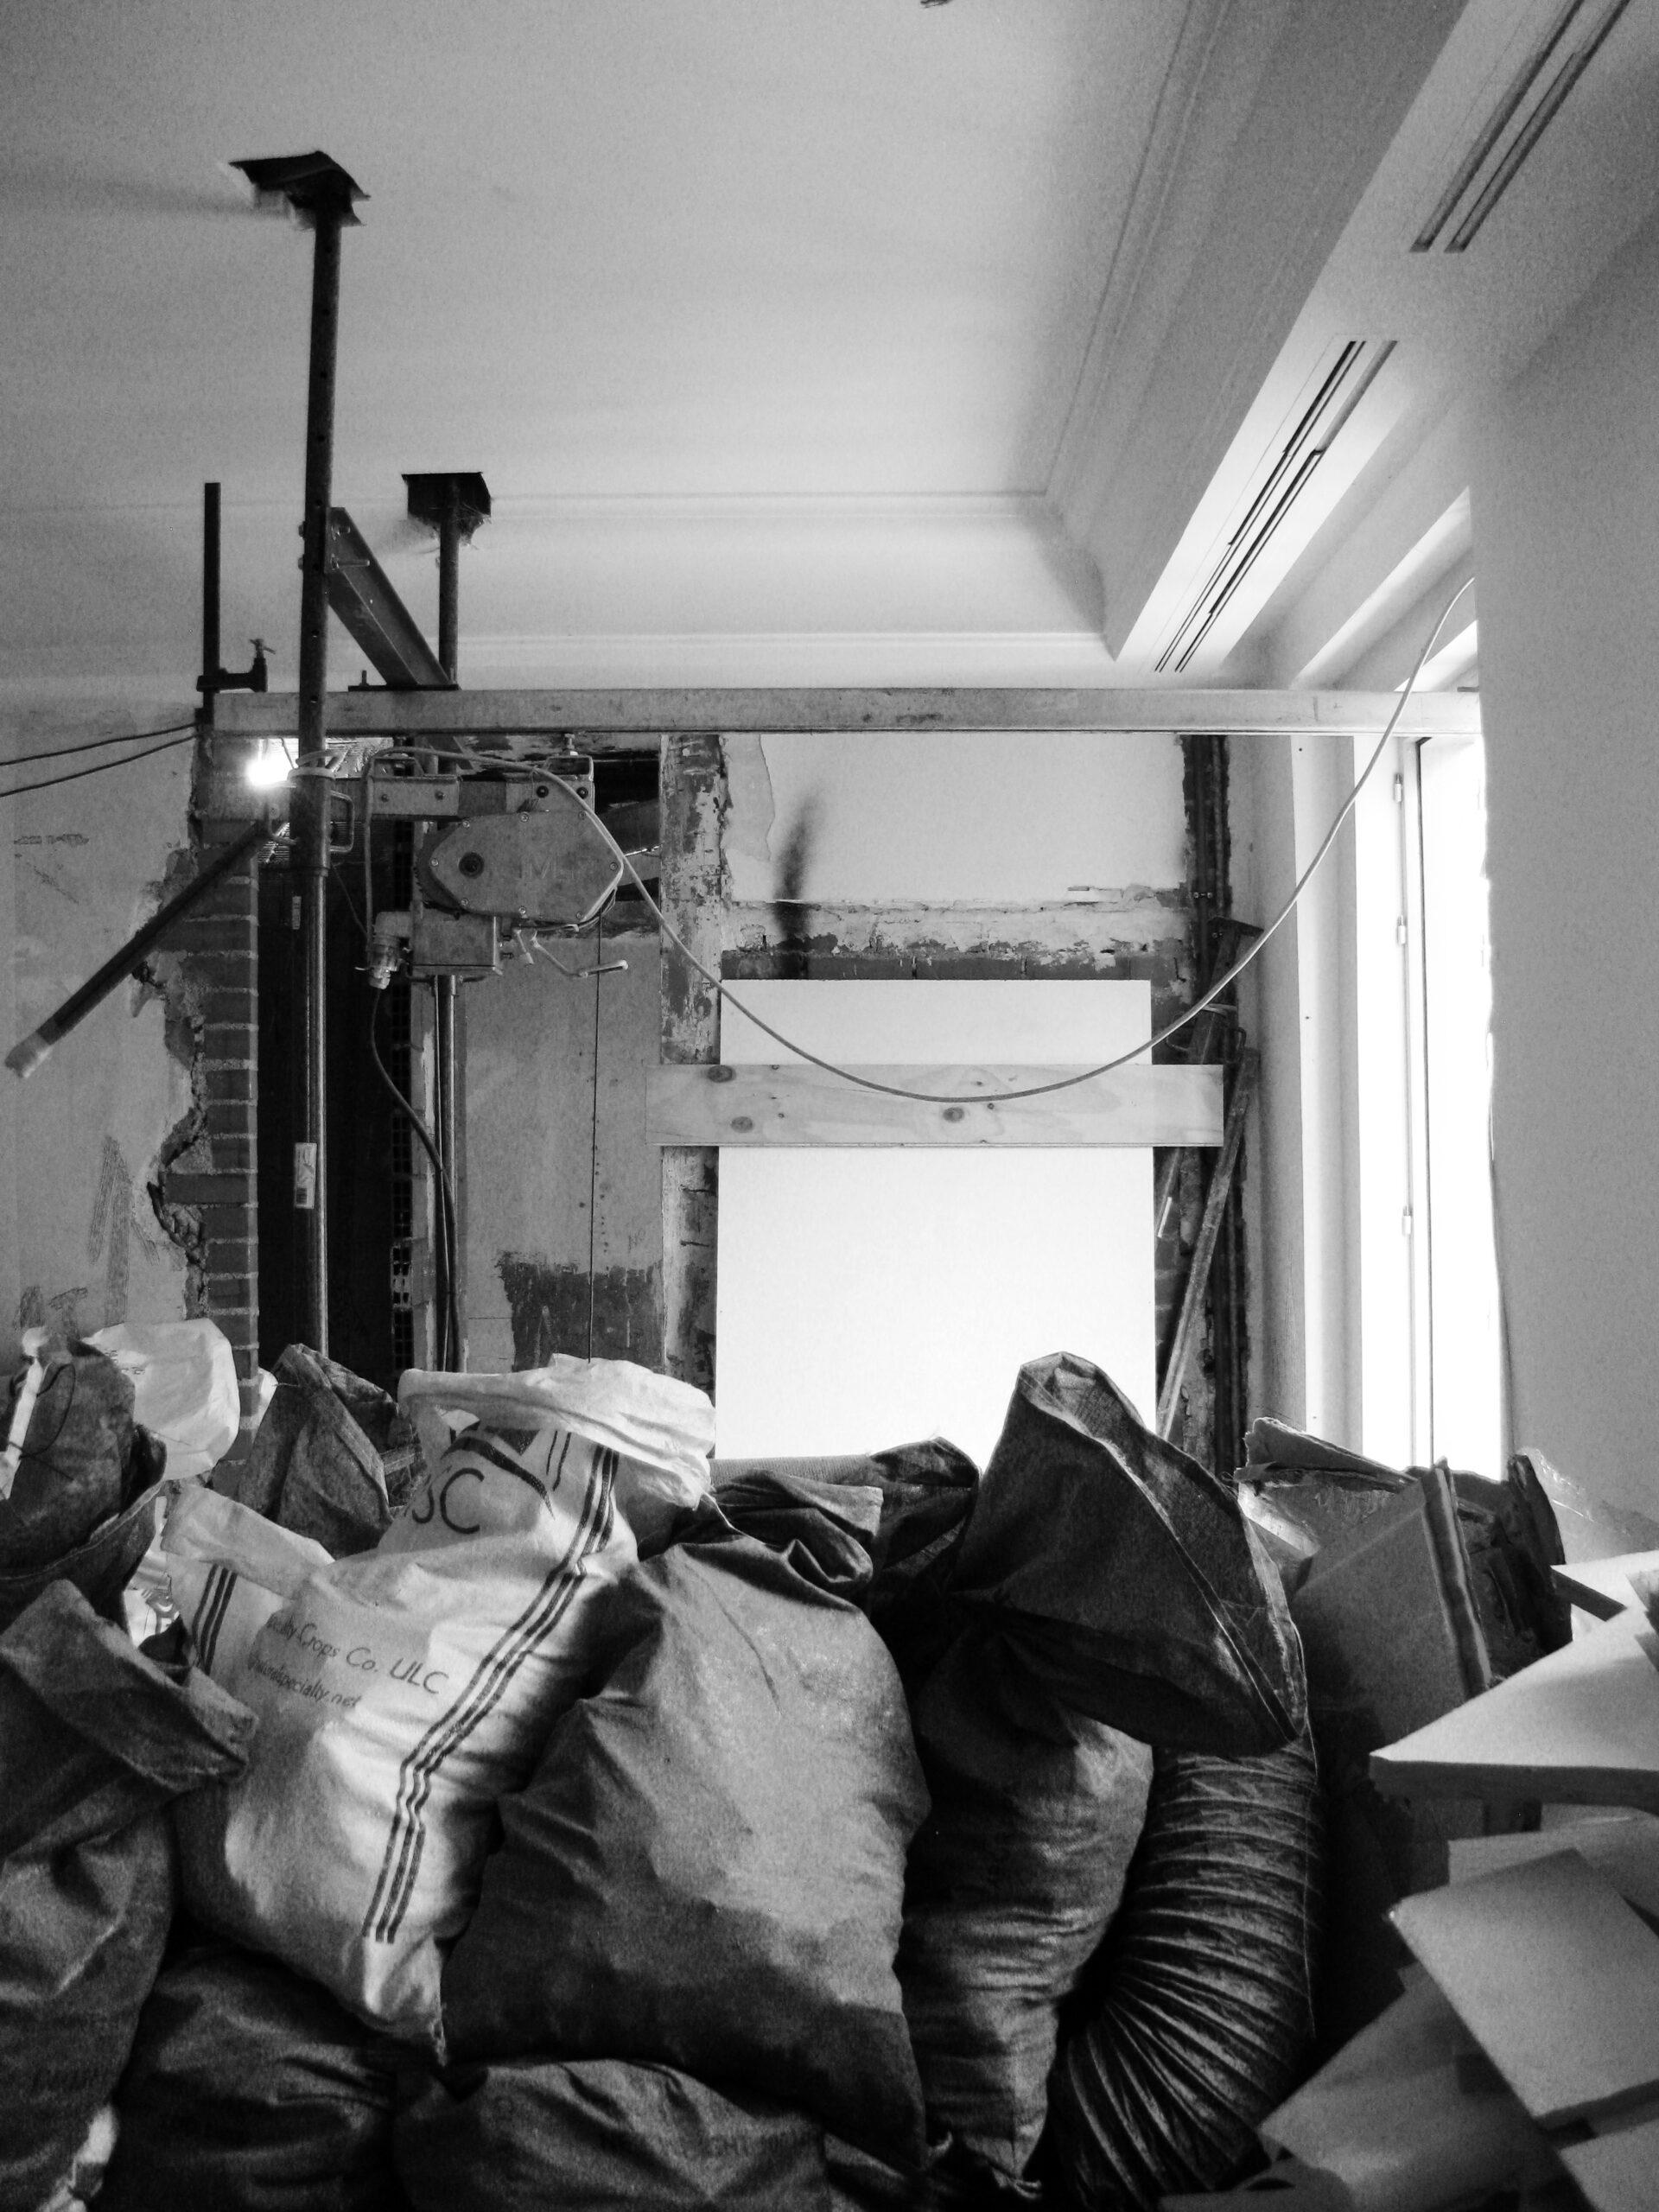 Imagen de una obra con sacos de escombros y maquinaria